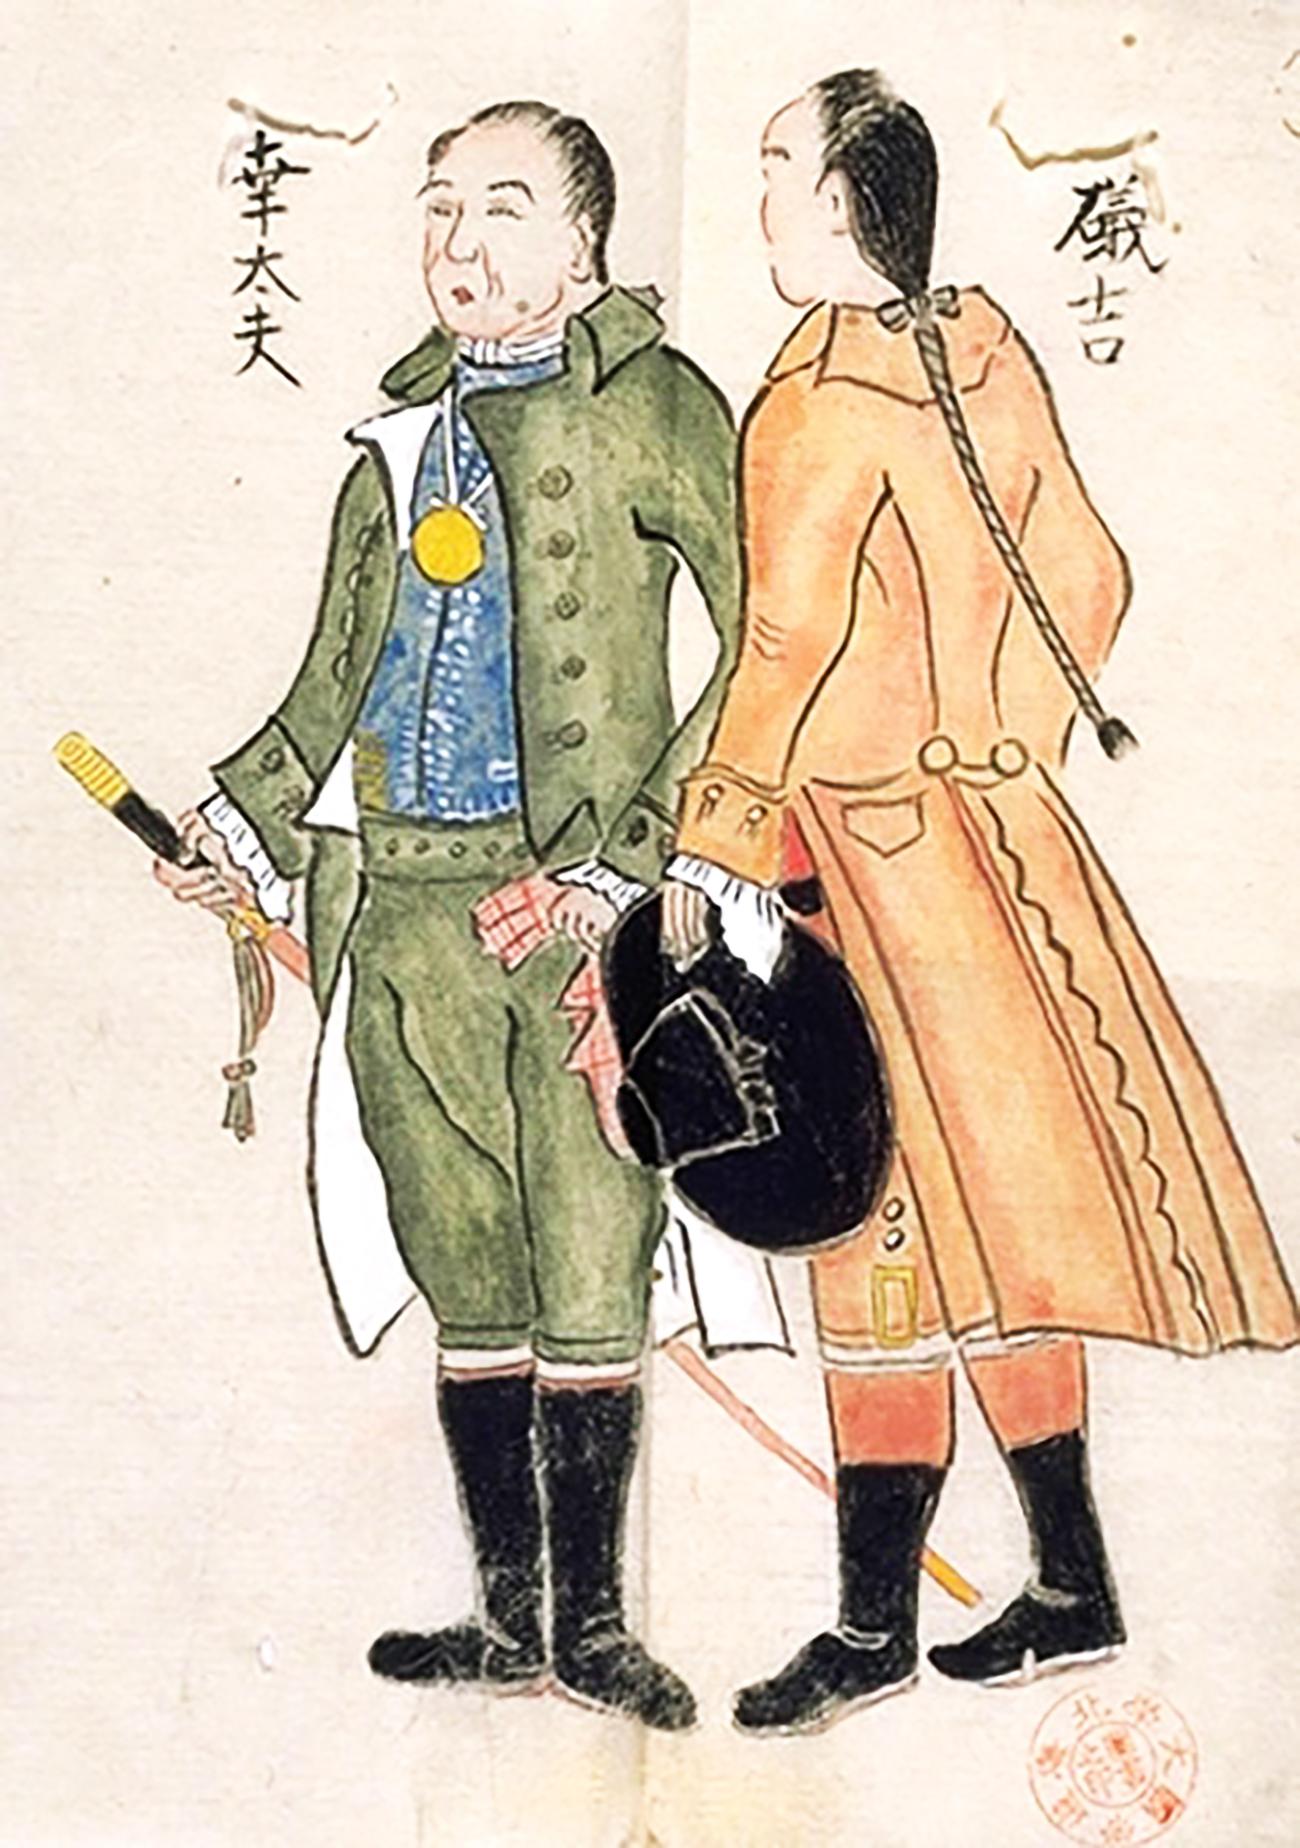 大黒屋光太夫 / 「パブリックドメイン」(公有)